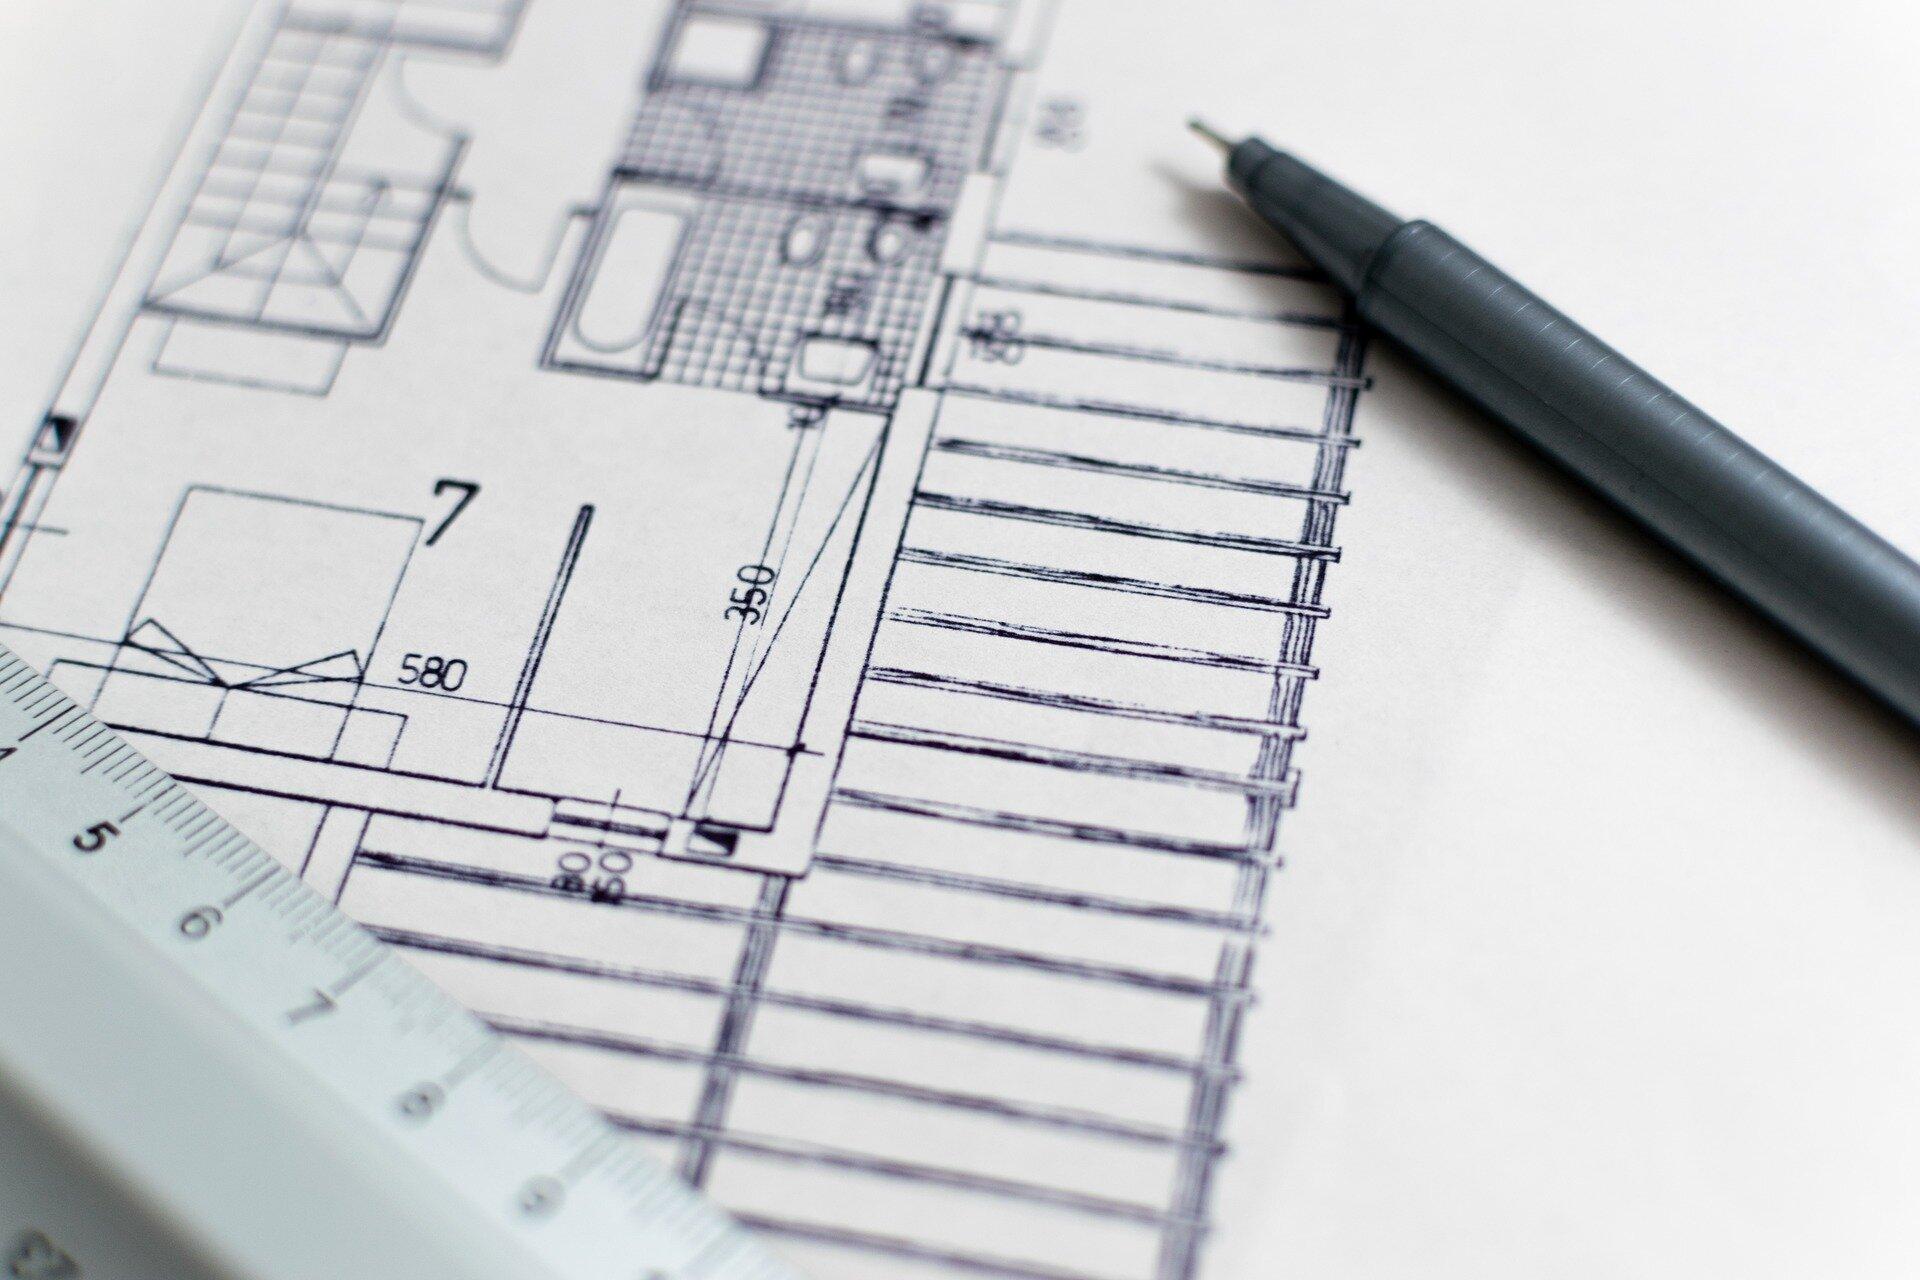 Изображение - Документы для перепланировки квартиры architecture-1857175_1920